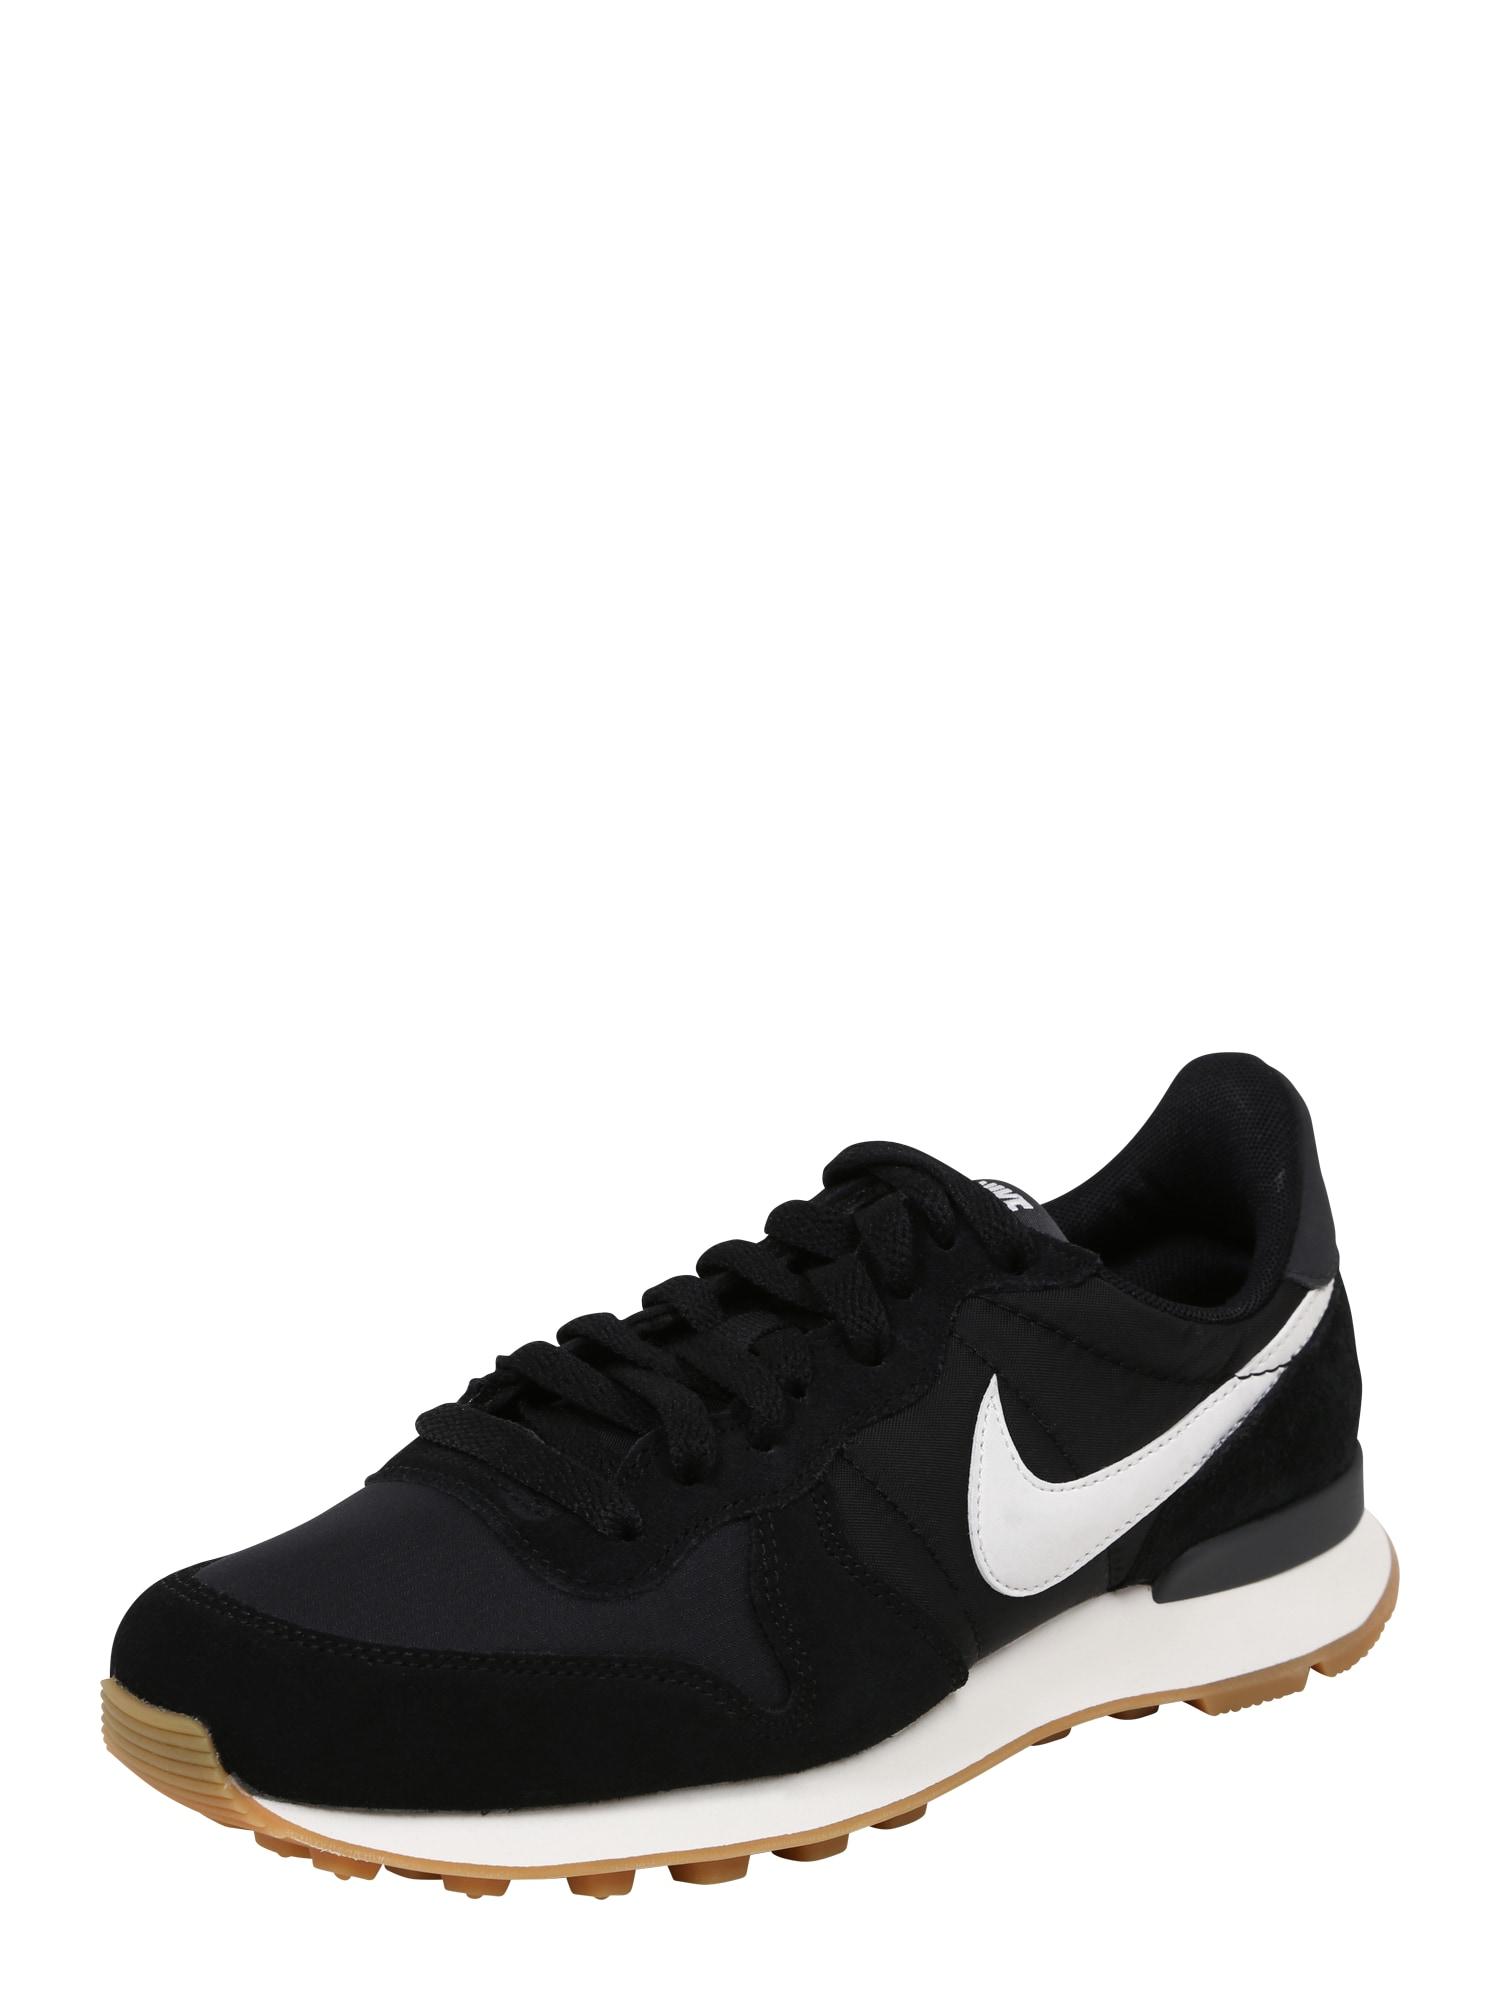 Nike Sportswear, Dames Sneakers laag 'Internationalist', zwart / wit